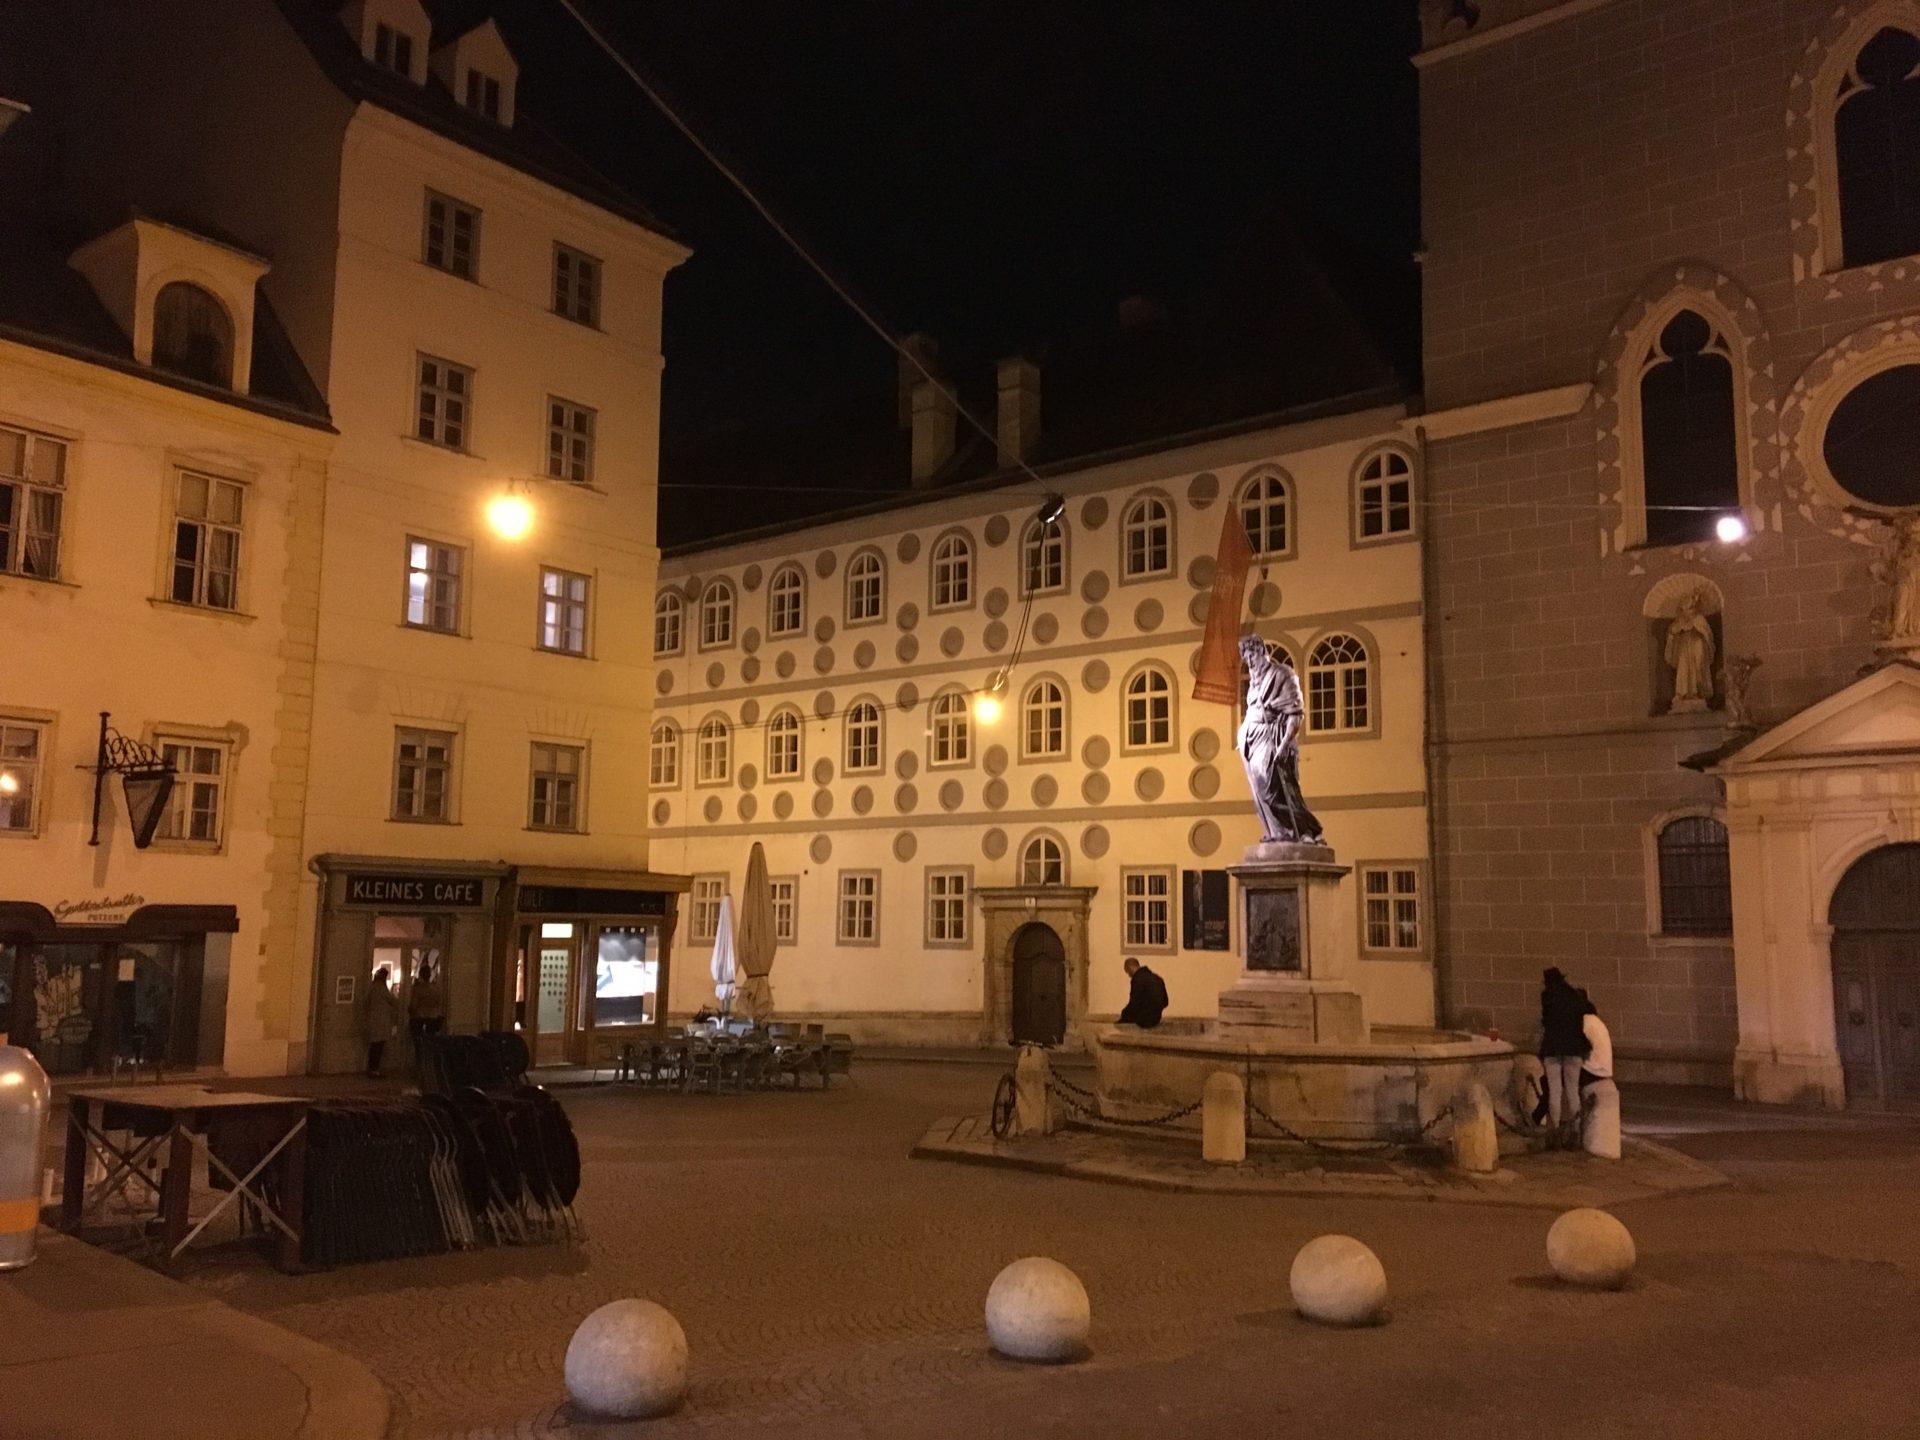 Kleines Cafe Vienna Austria